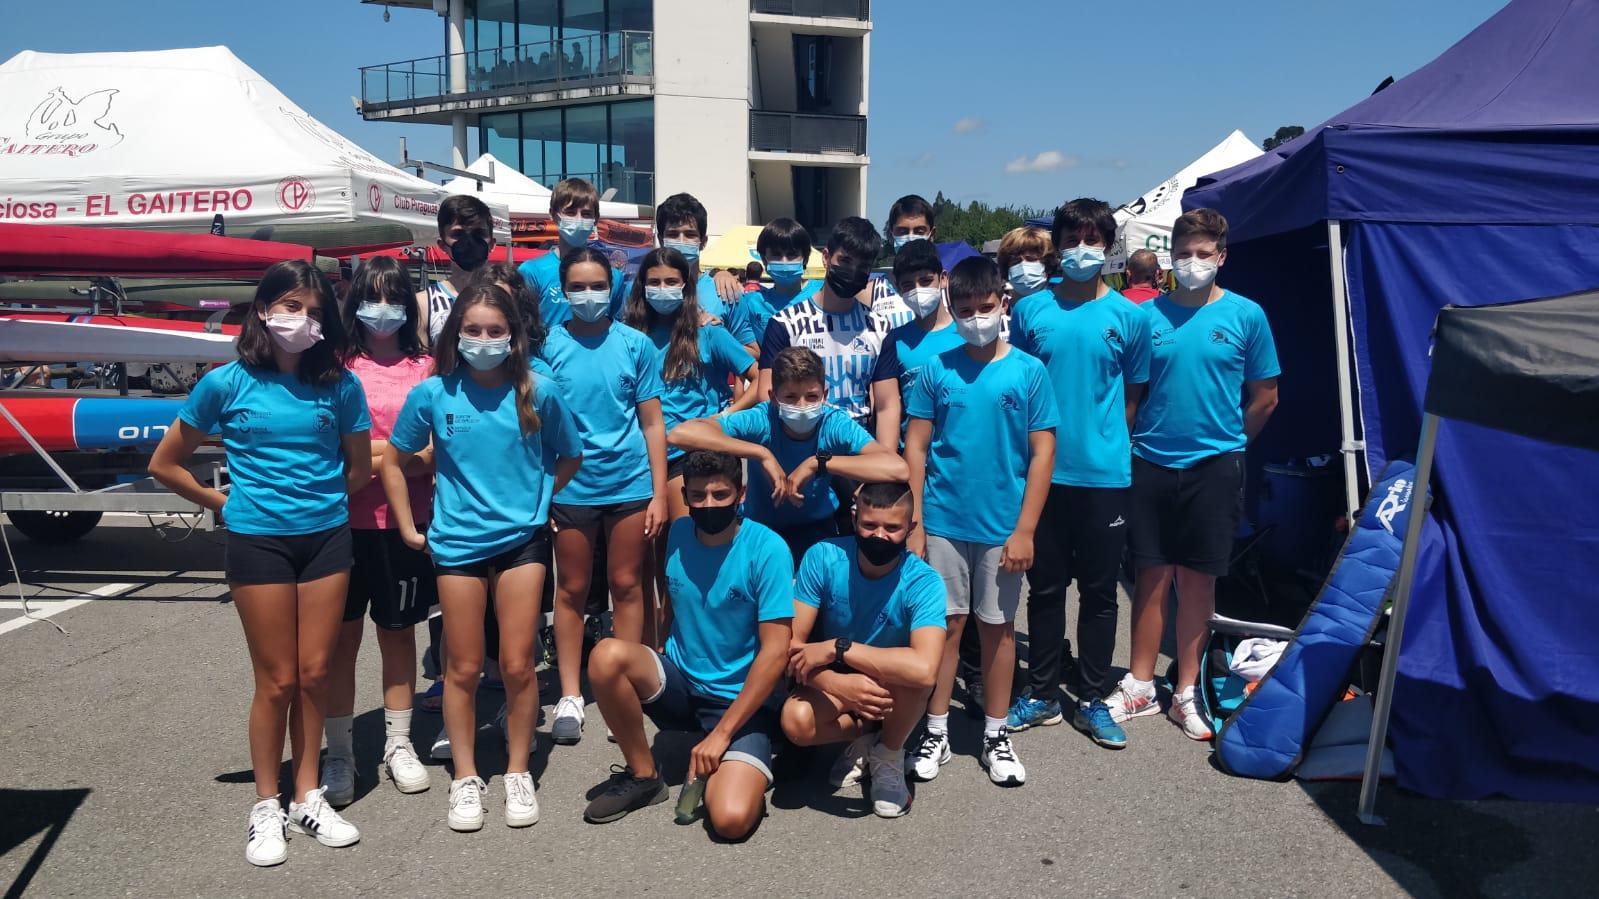 Campeonato de España de Jóvenes Promesas de Piragüismo